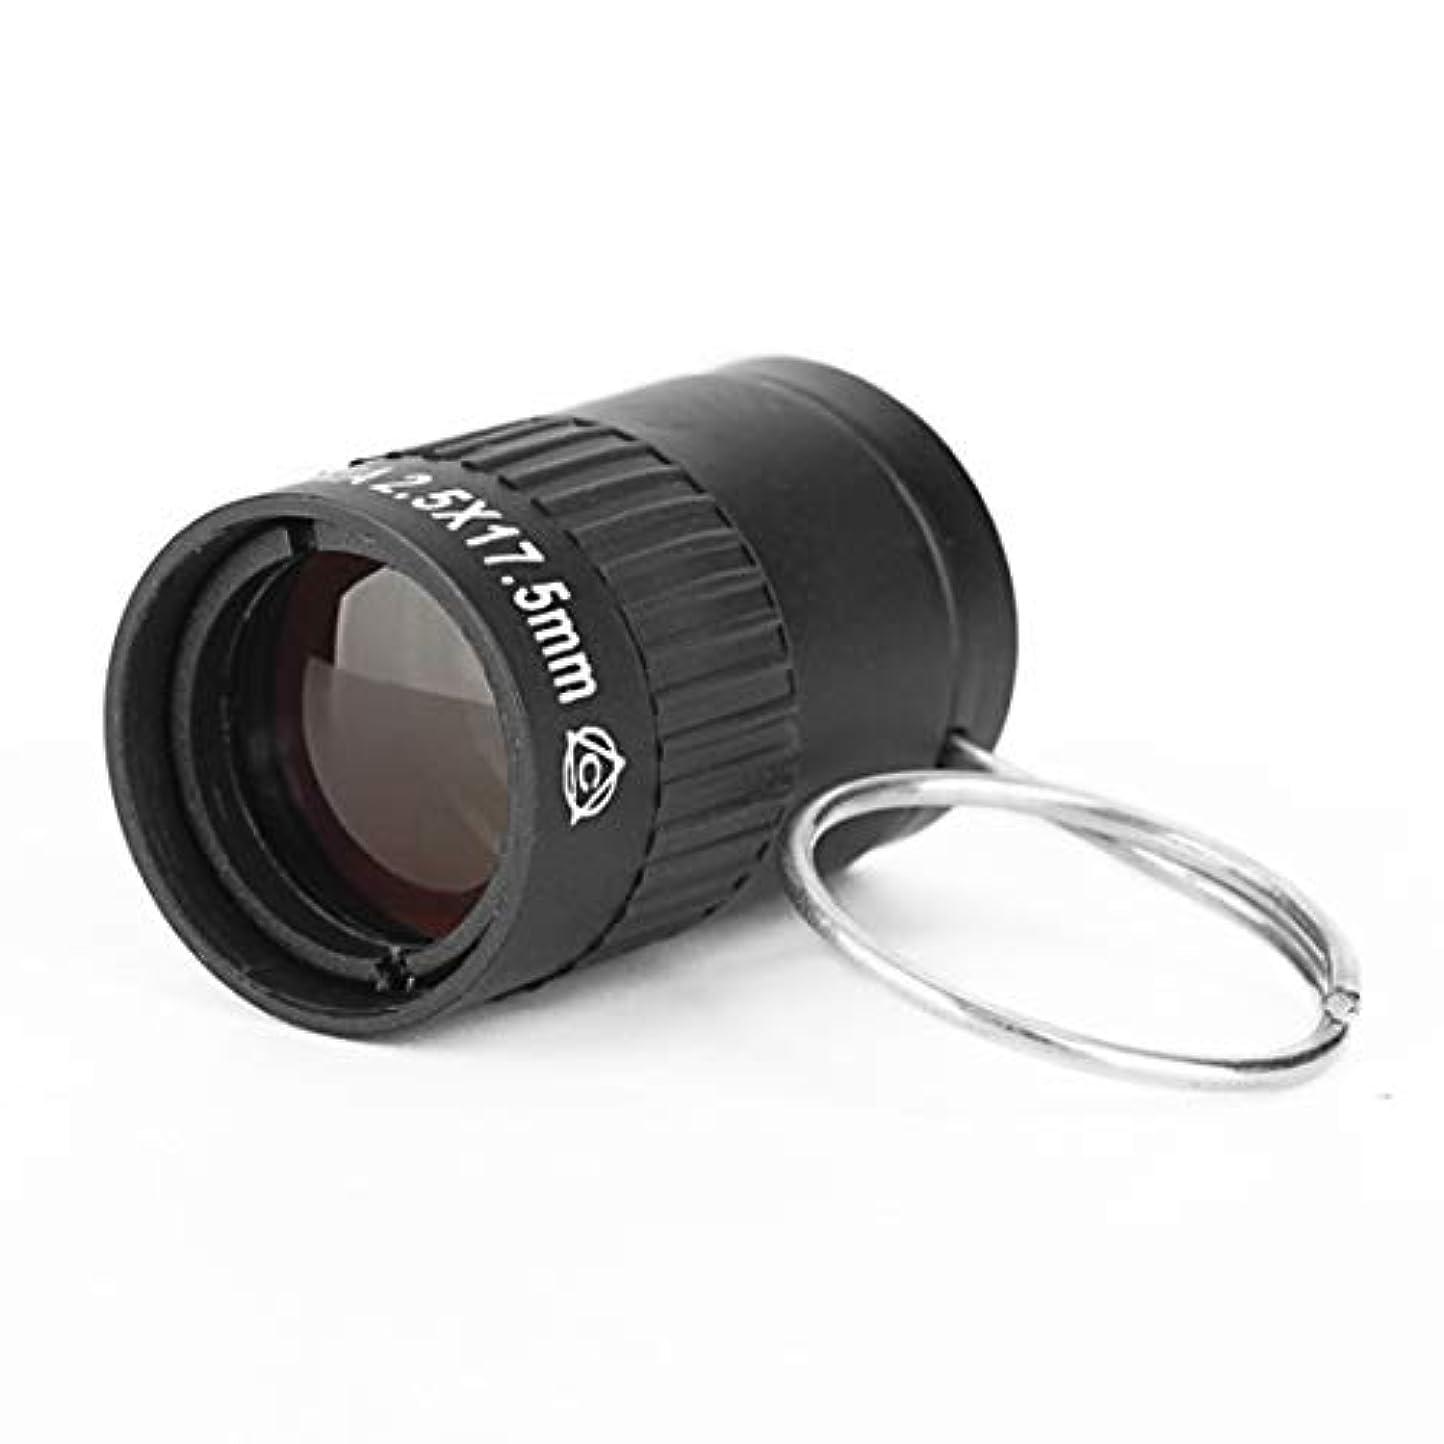 社説あえぎ防ぐ2.5×17.5mm ミニ ポケットミニチュア望遠鏡 指バックル付き (色 : ブラック)